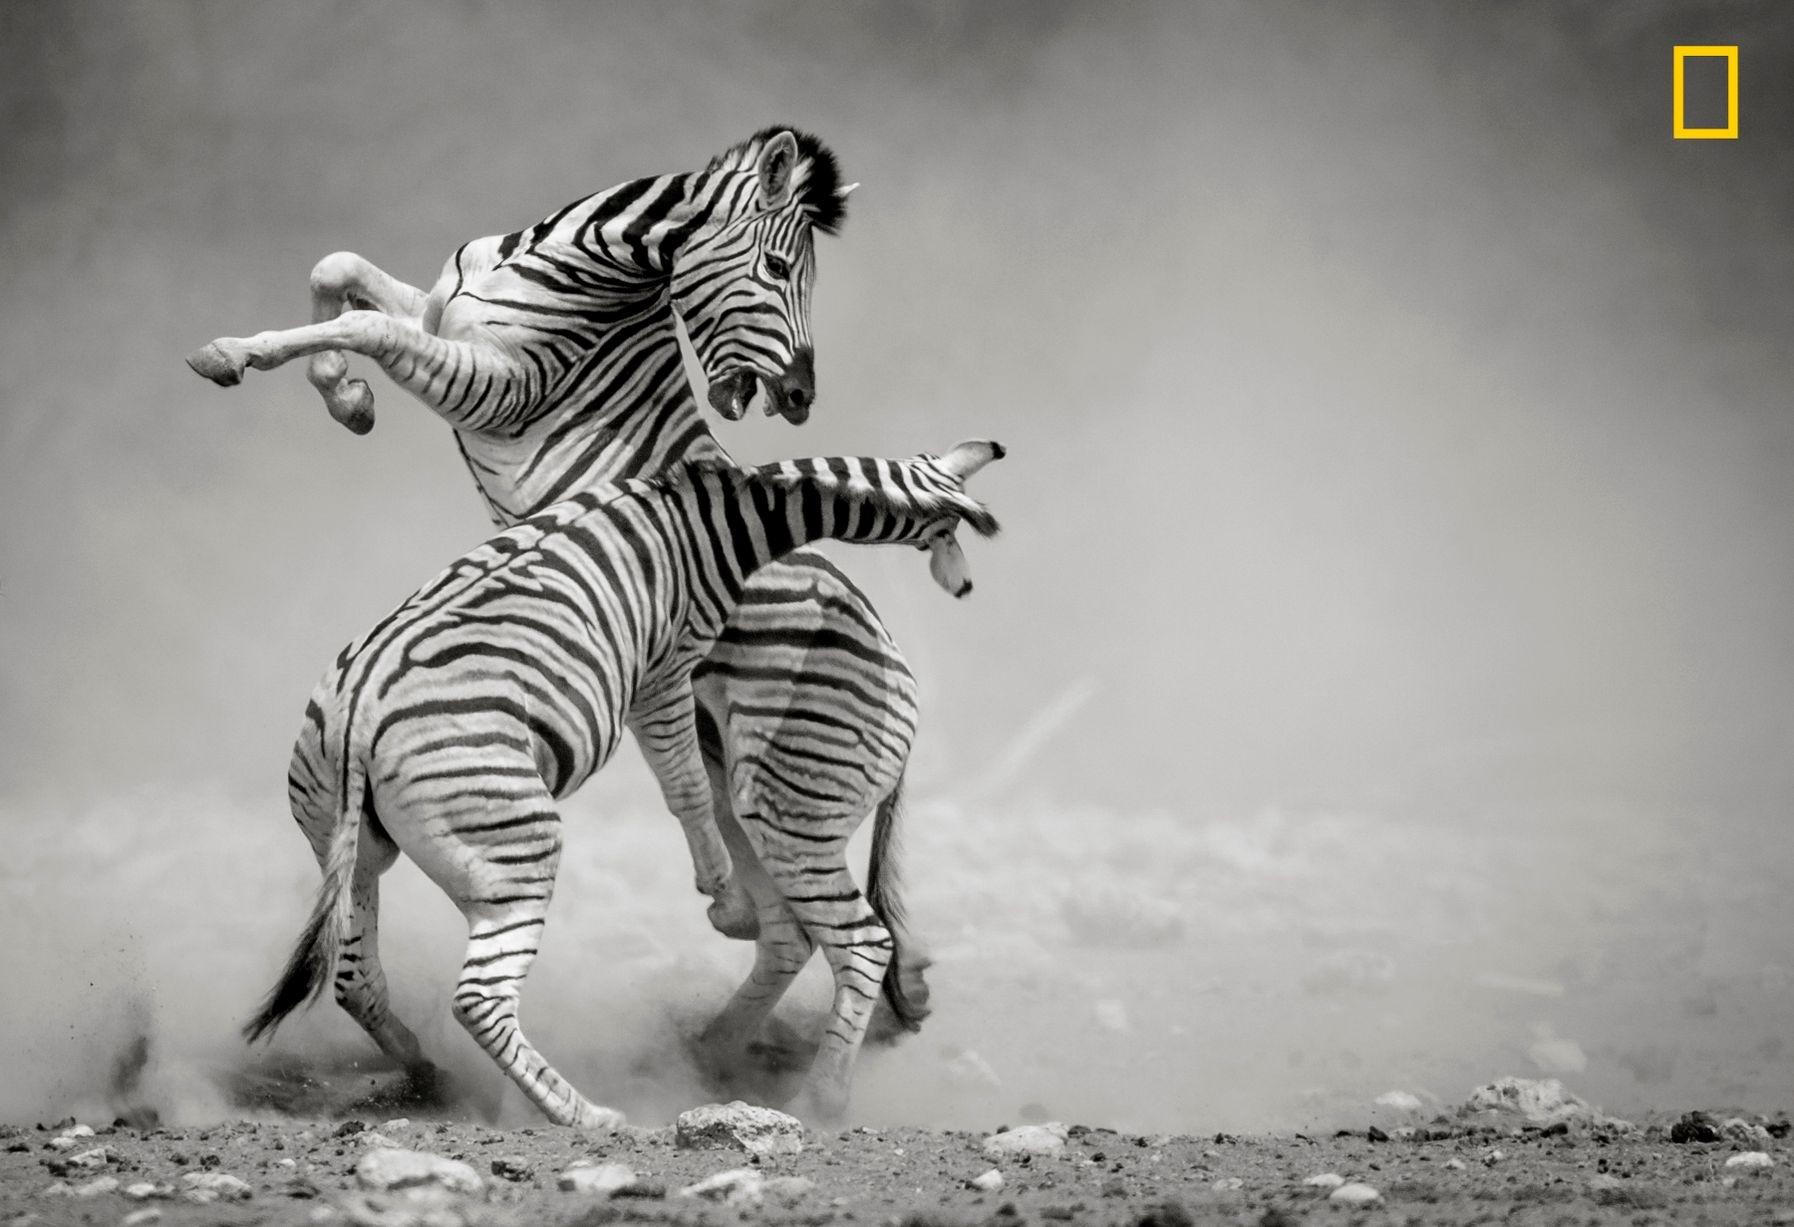 تصاویر | مناظر خیرهکننده طبیعت در میان برگزیدههای مسابقه نشنال جئوگرافیک